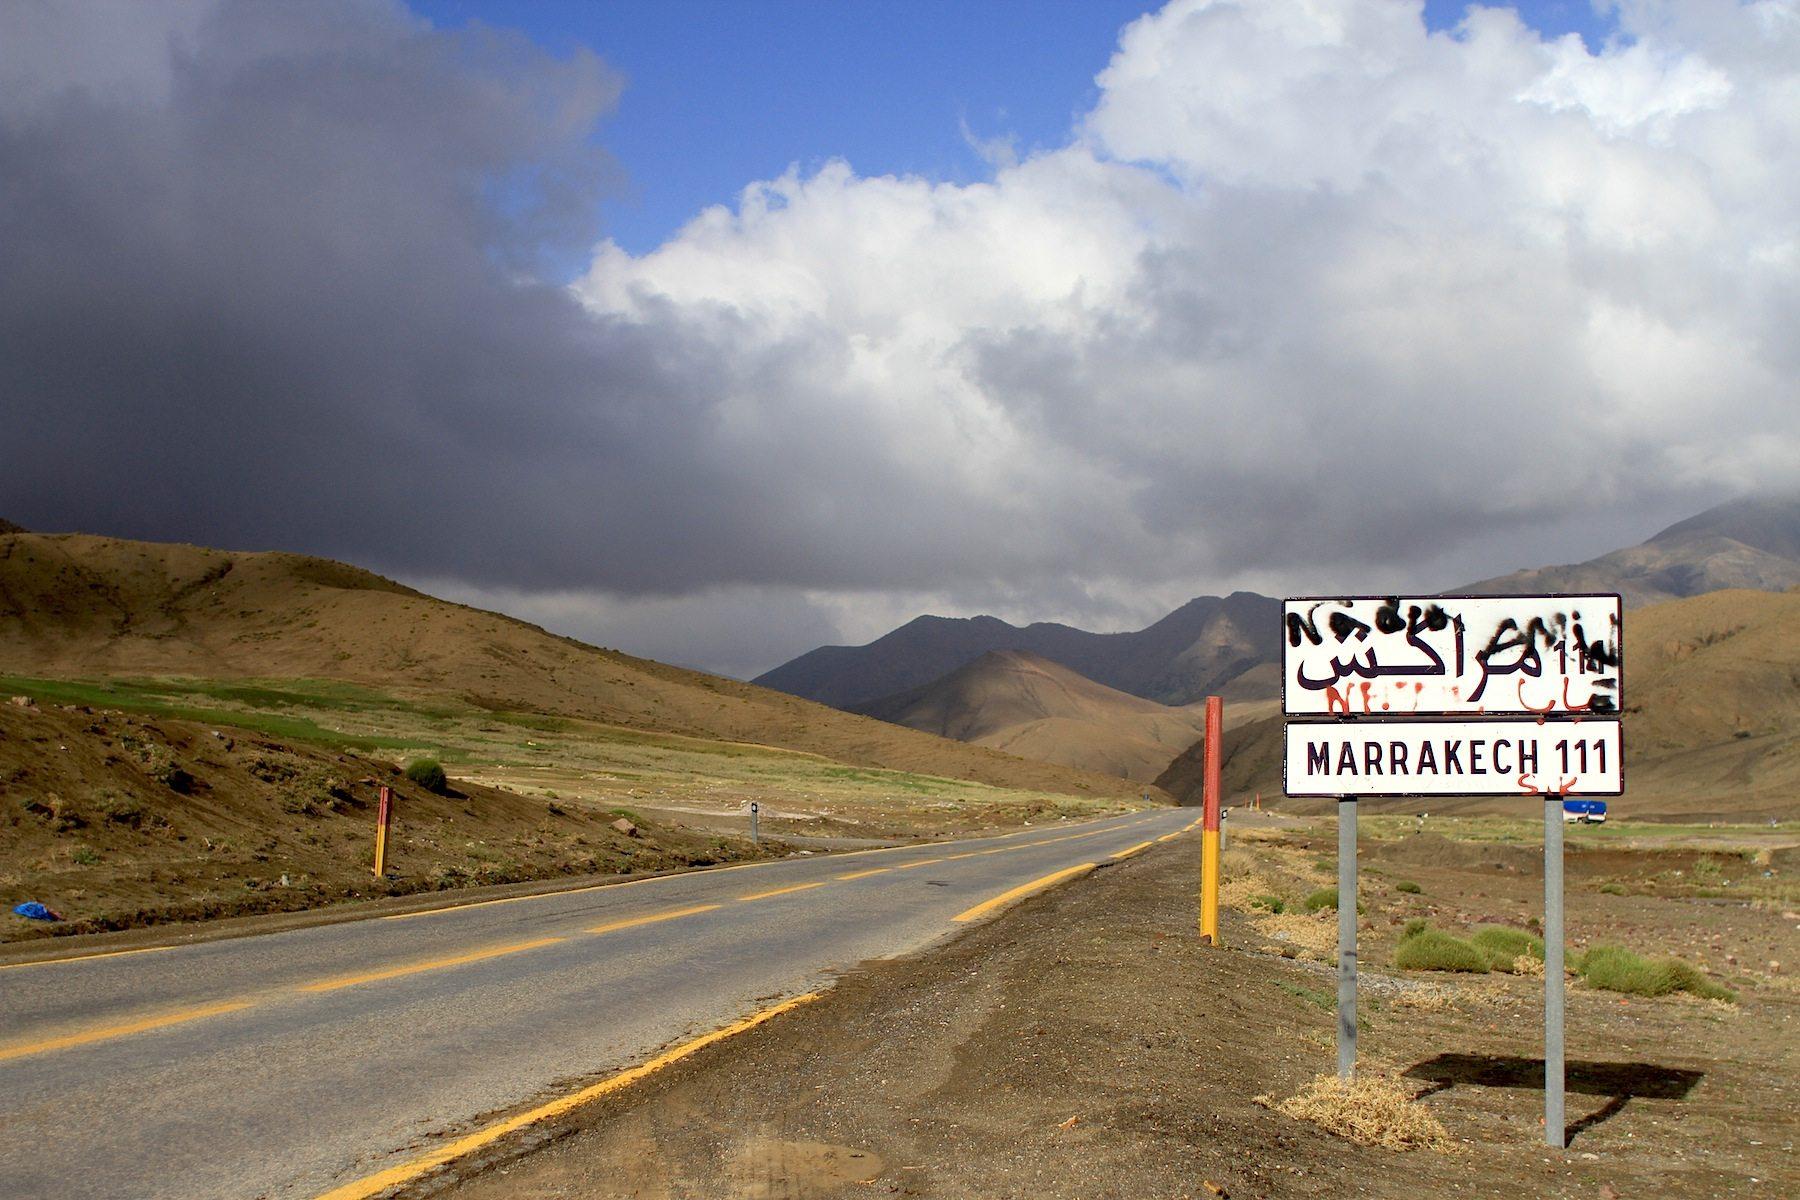 N9-Weg. Die Nationalstraße führt von Marrakesch kommend bis in den marokkanisch-algerischen Grenzort El Ghizlane.